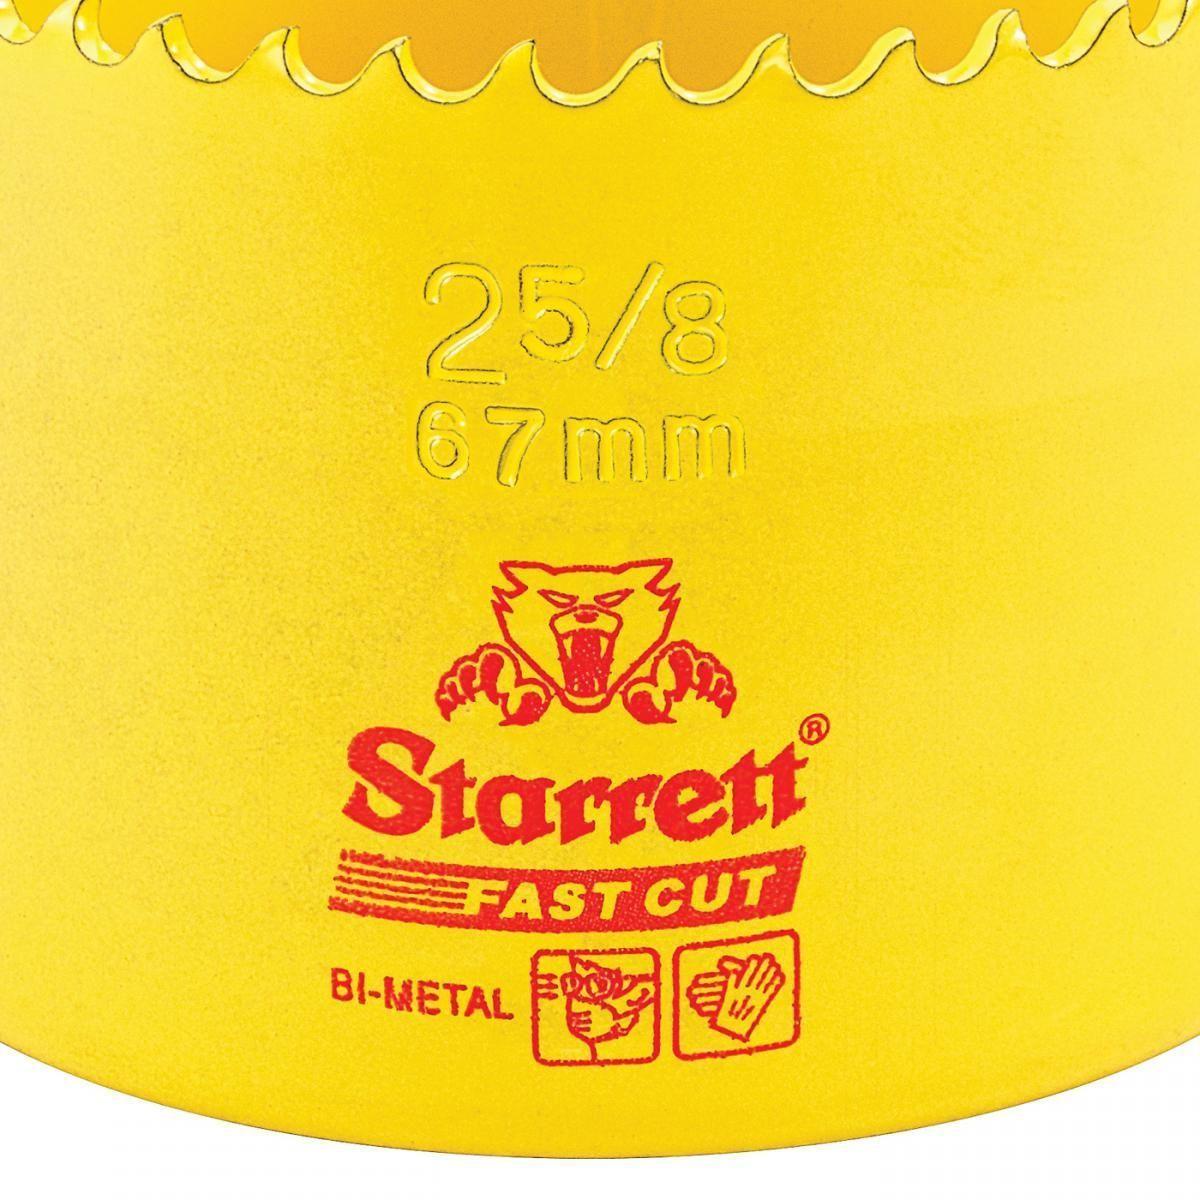 Serra Copo Fast Cut 2.5/8'' (67mm) - FCH0258-G Starrett